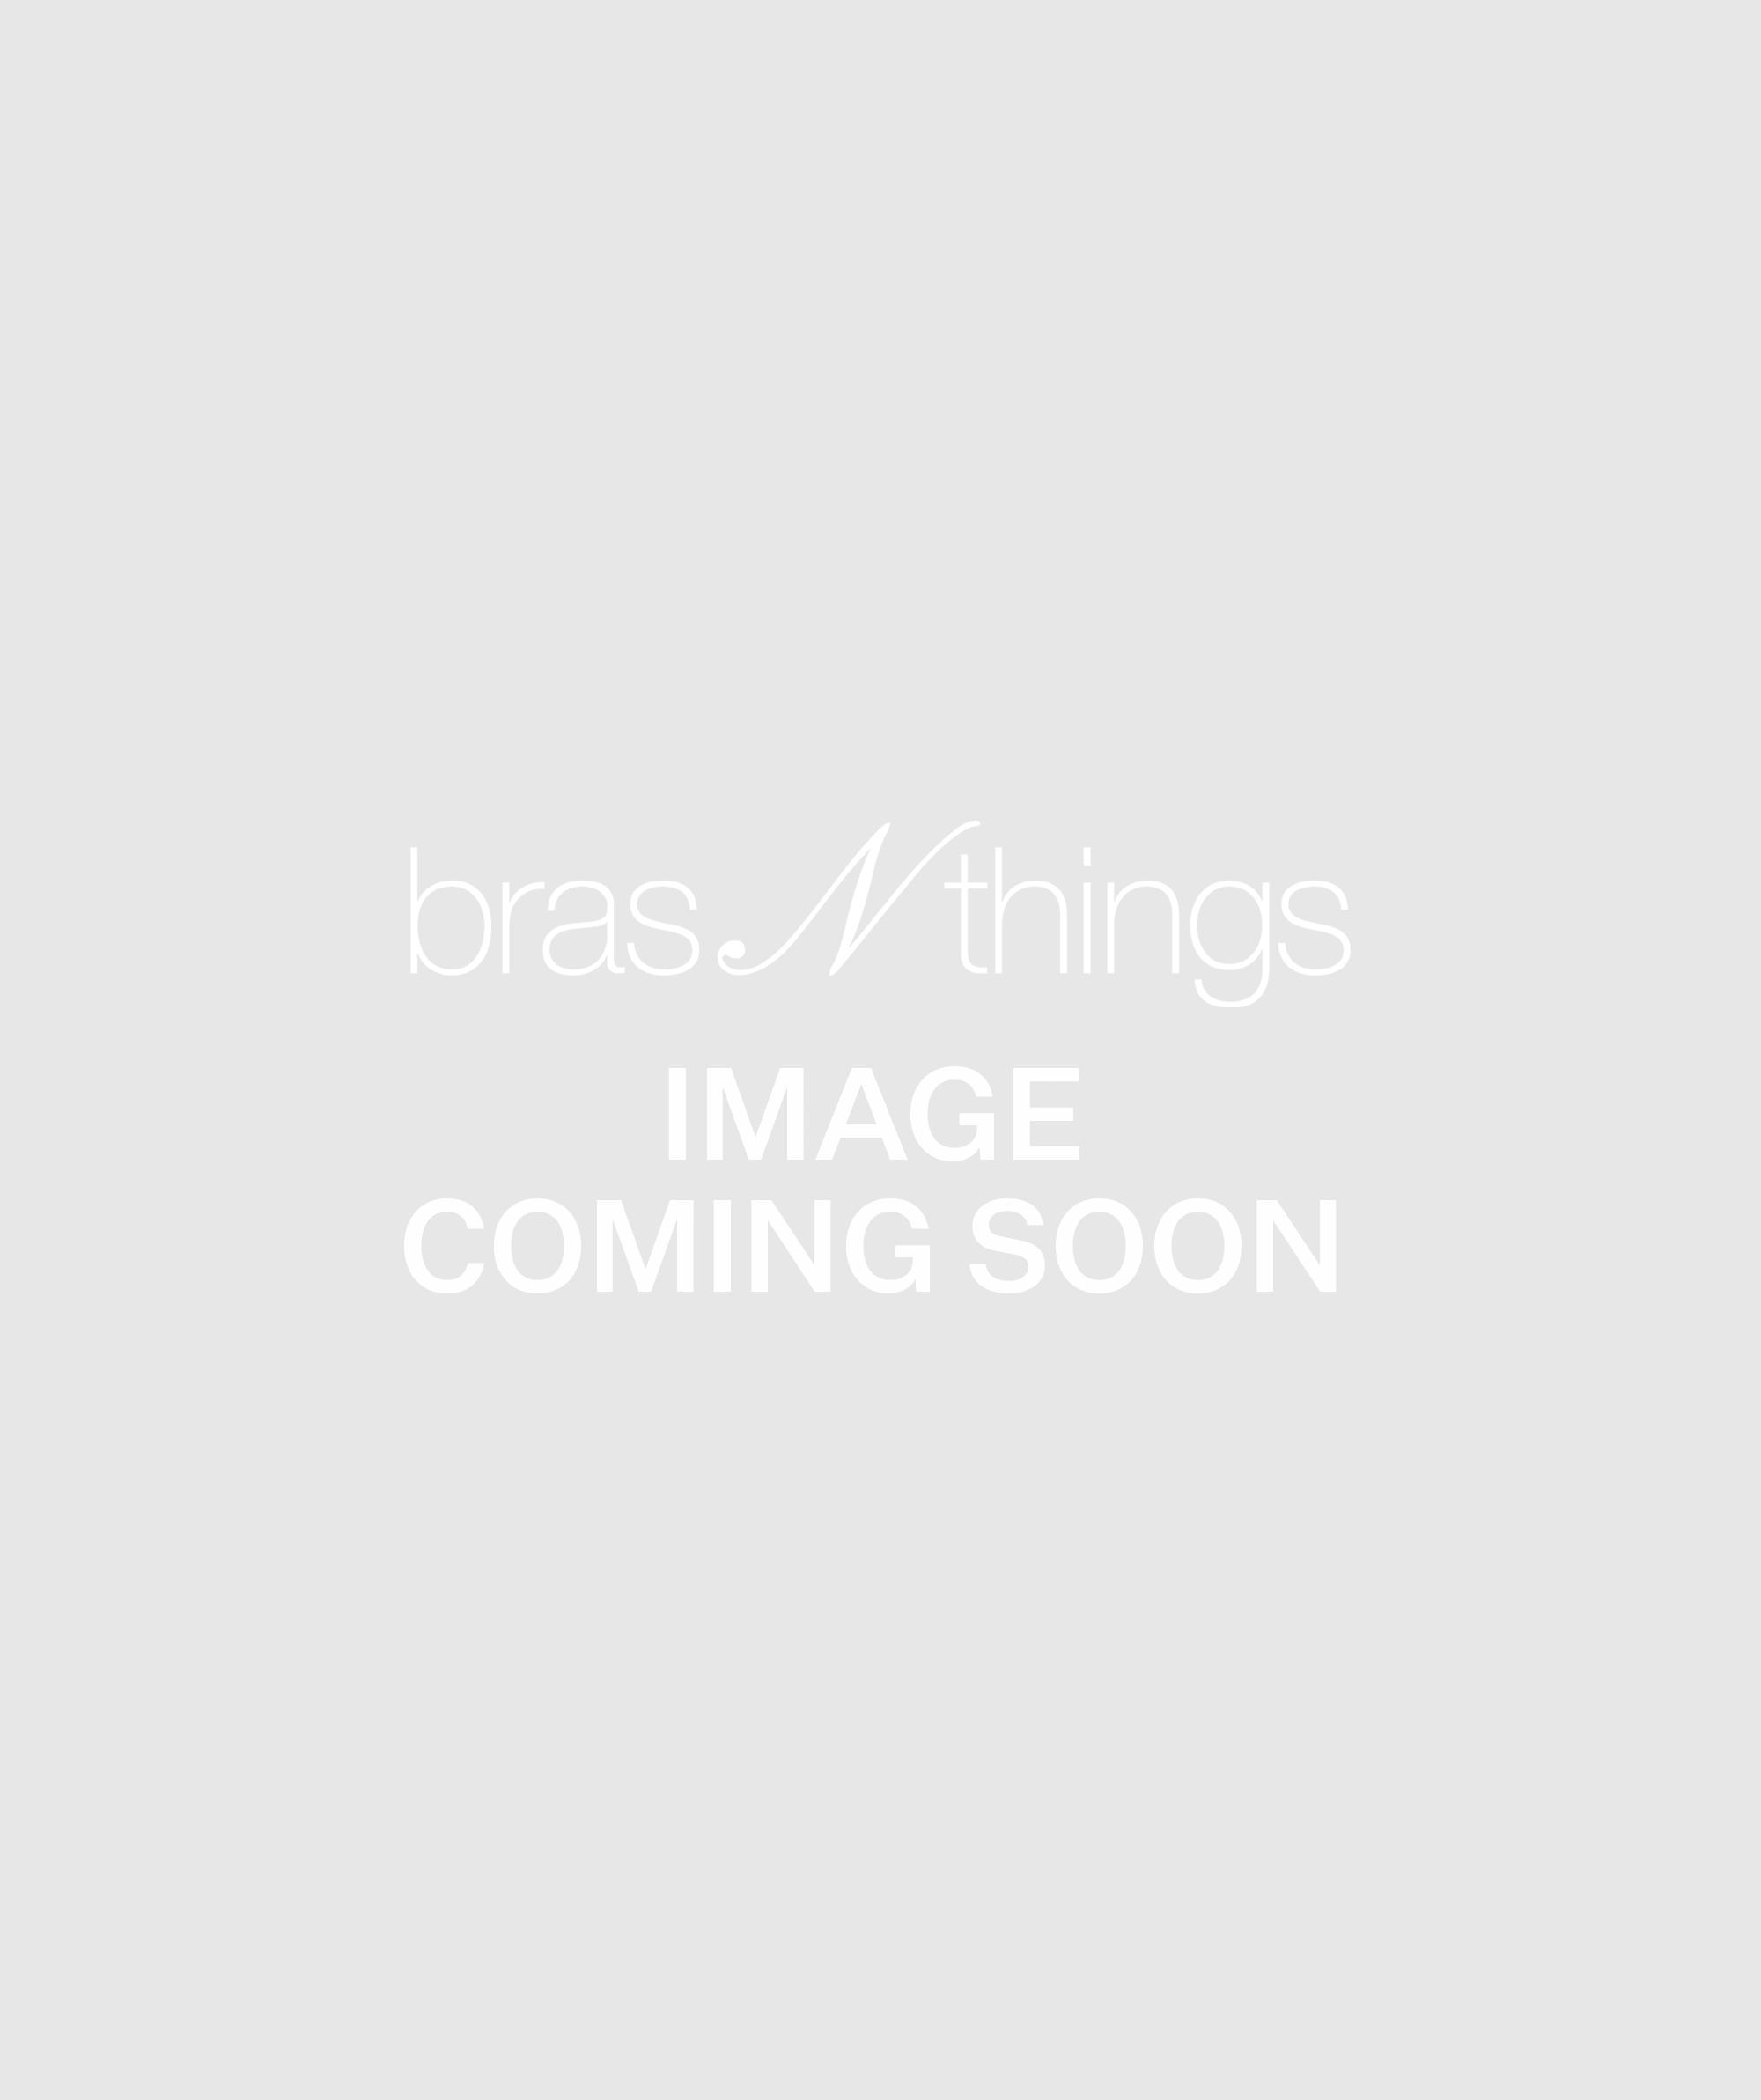 Body Bliss Brazilian Knicker - Ivory